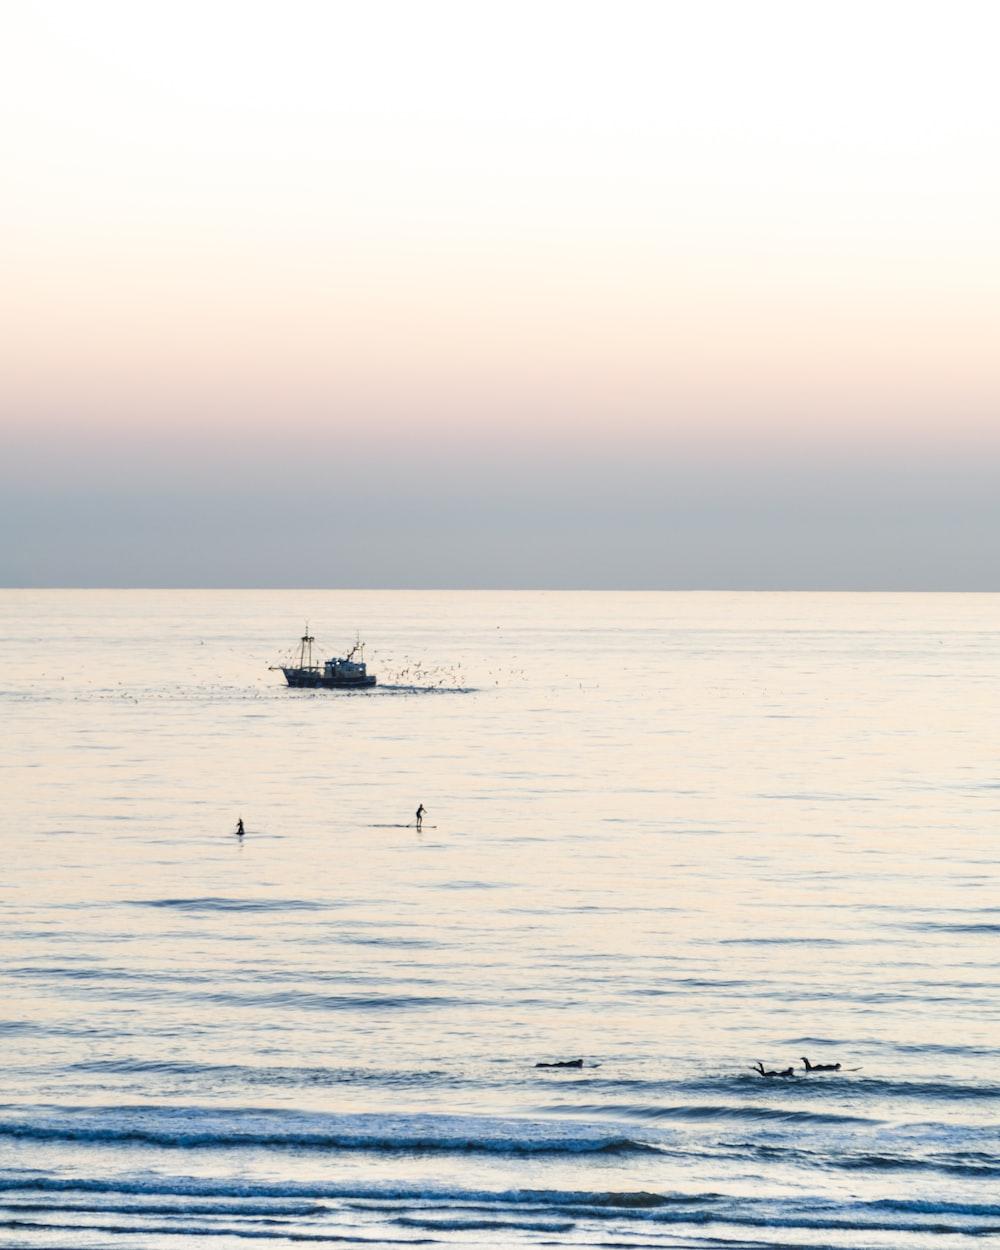 boat sailing during daytime